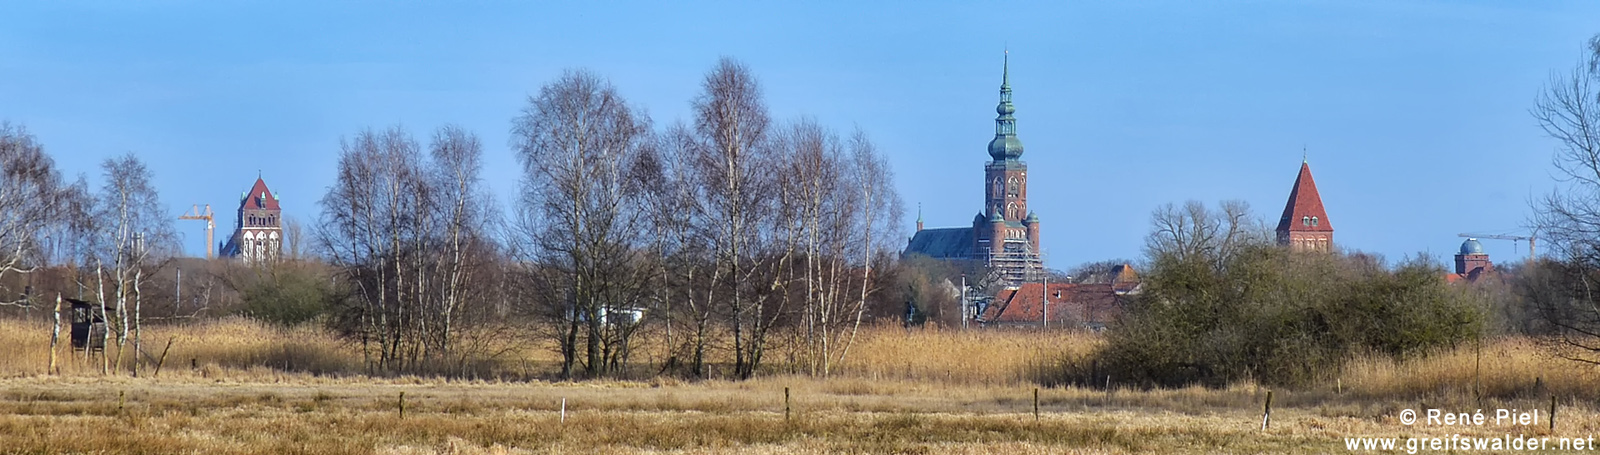 Blick auf Greifswald